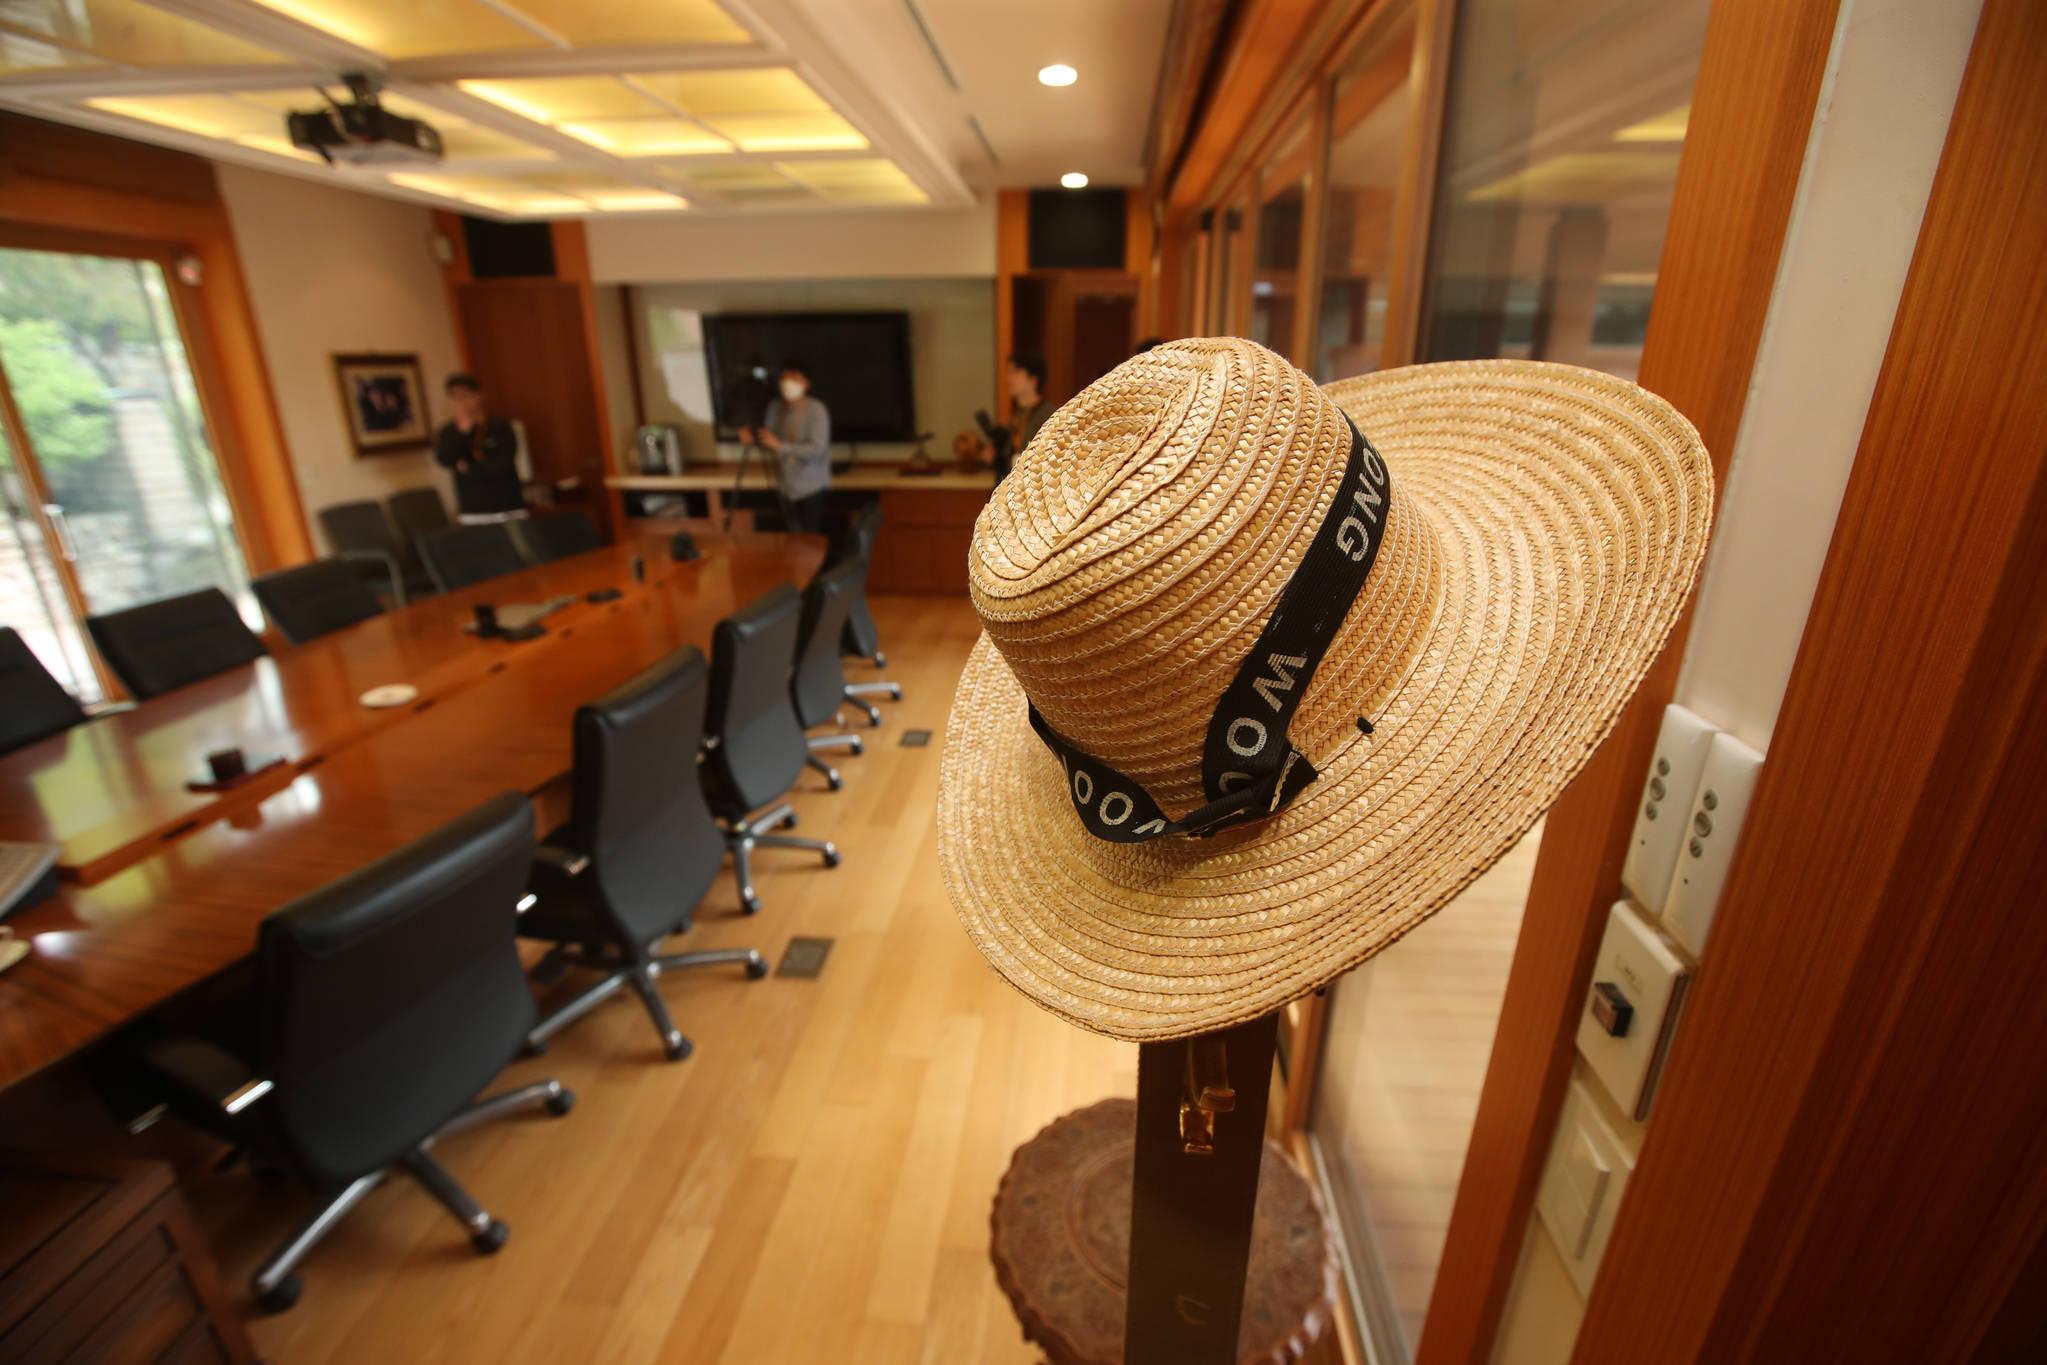 고 노무현 전 대통령이 사용했던 모자가 서재 한쪽에 걸려 있다. 송봉근 기자